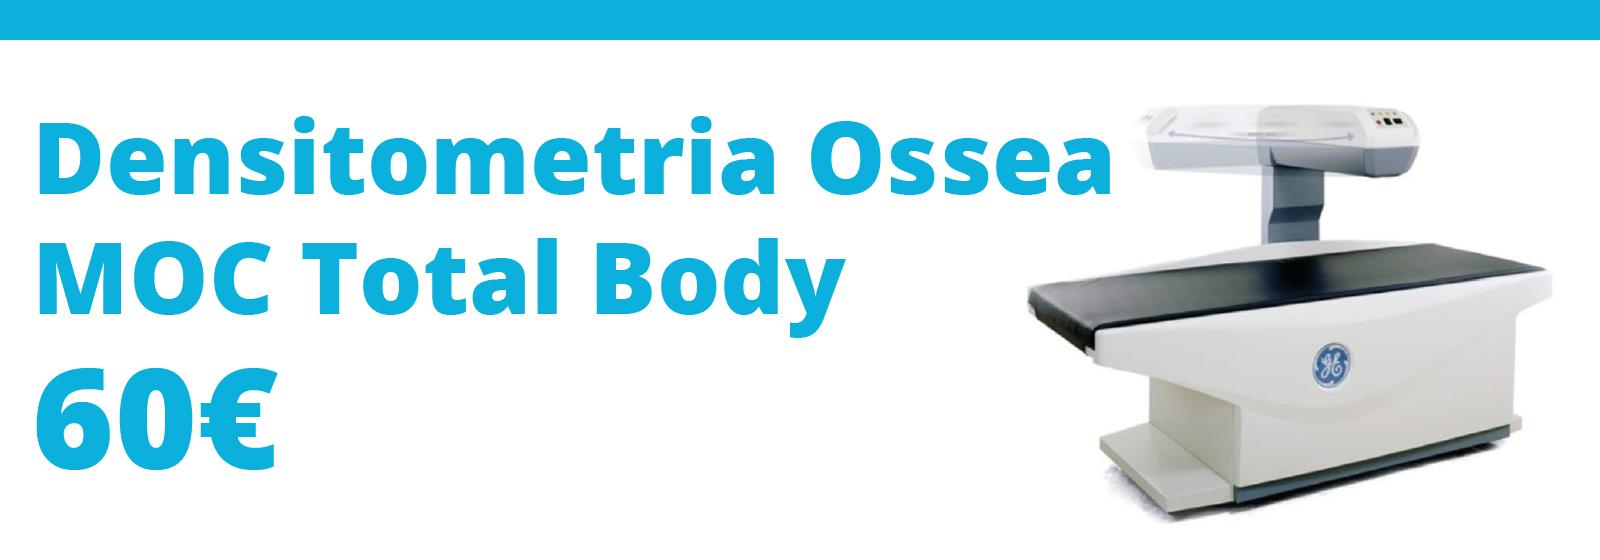 densitometria ossea MOC total body progetto salute clinica forlimpopopli